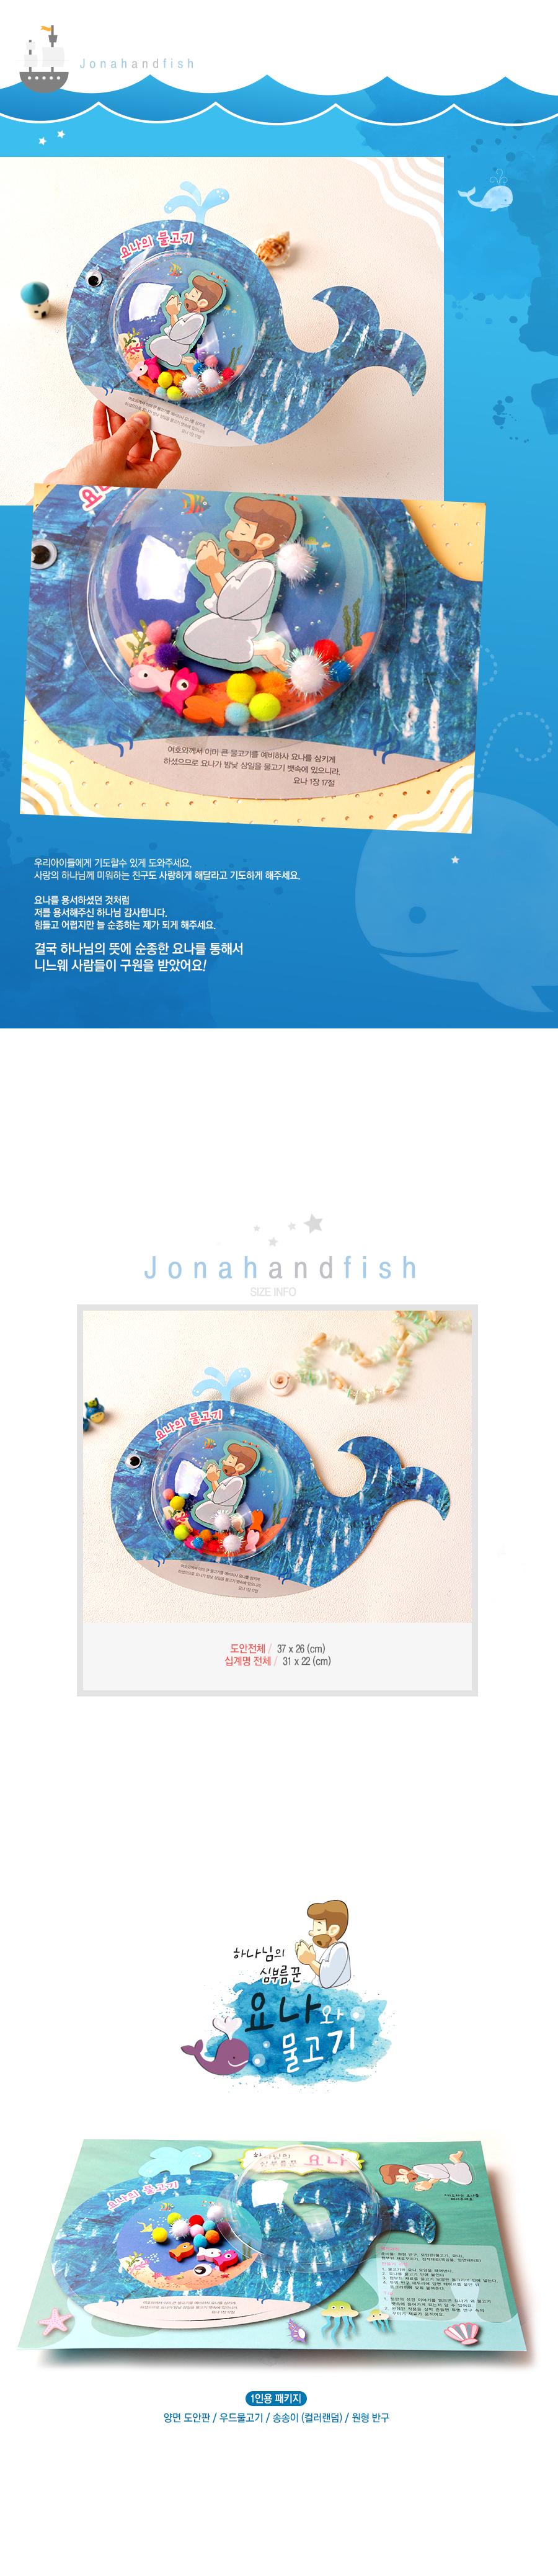 요나와물고기(1개)/주일학교만들기/여름성경/교회 - 아트랄라, 1,400원, 전통공예, 기타소품 패키지